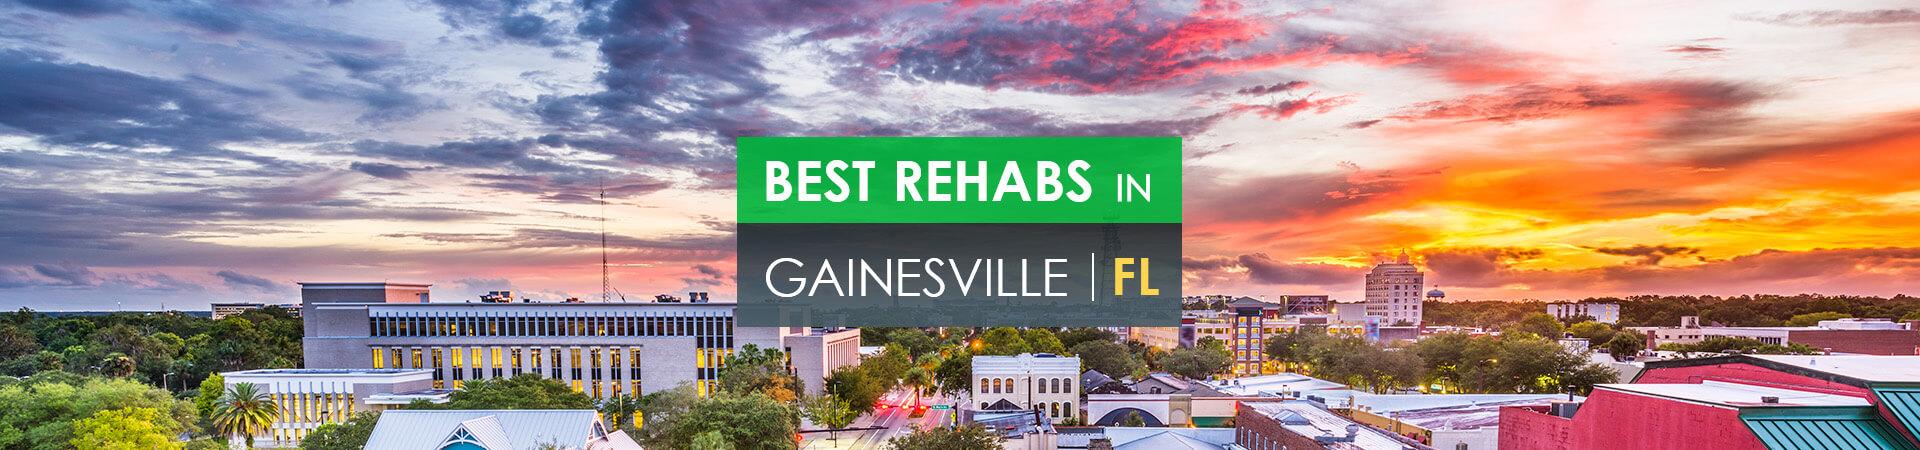 Best rehabs in Gainesville, FL